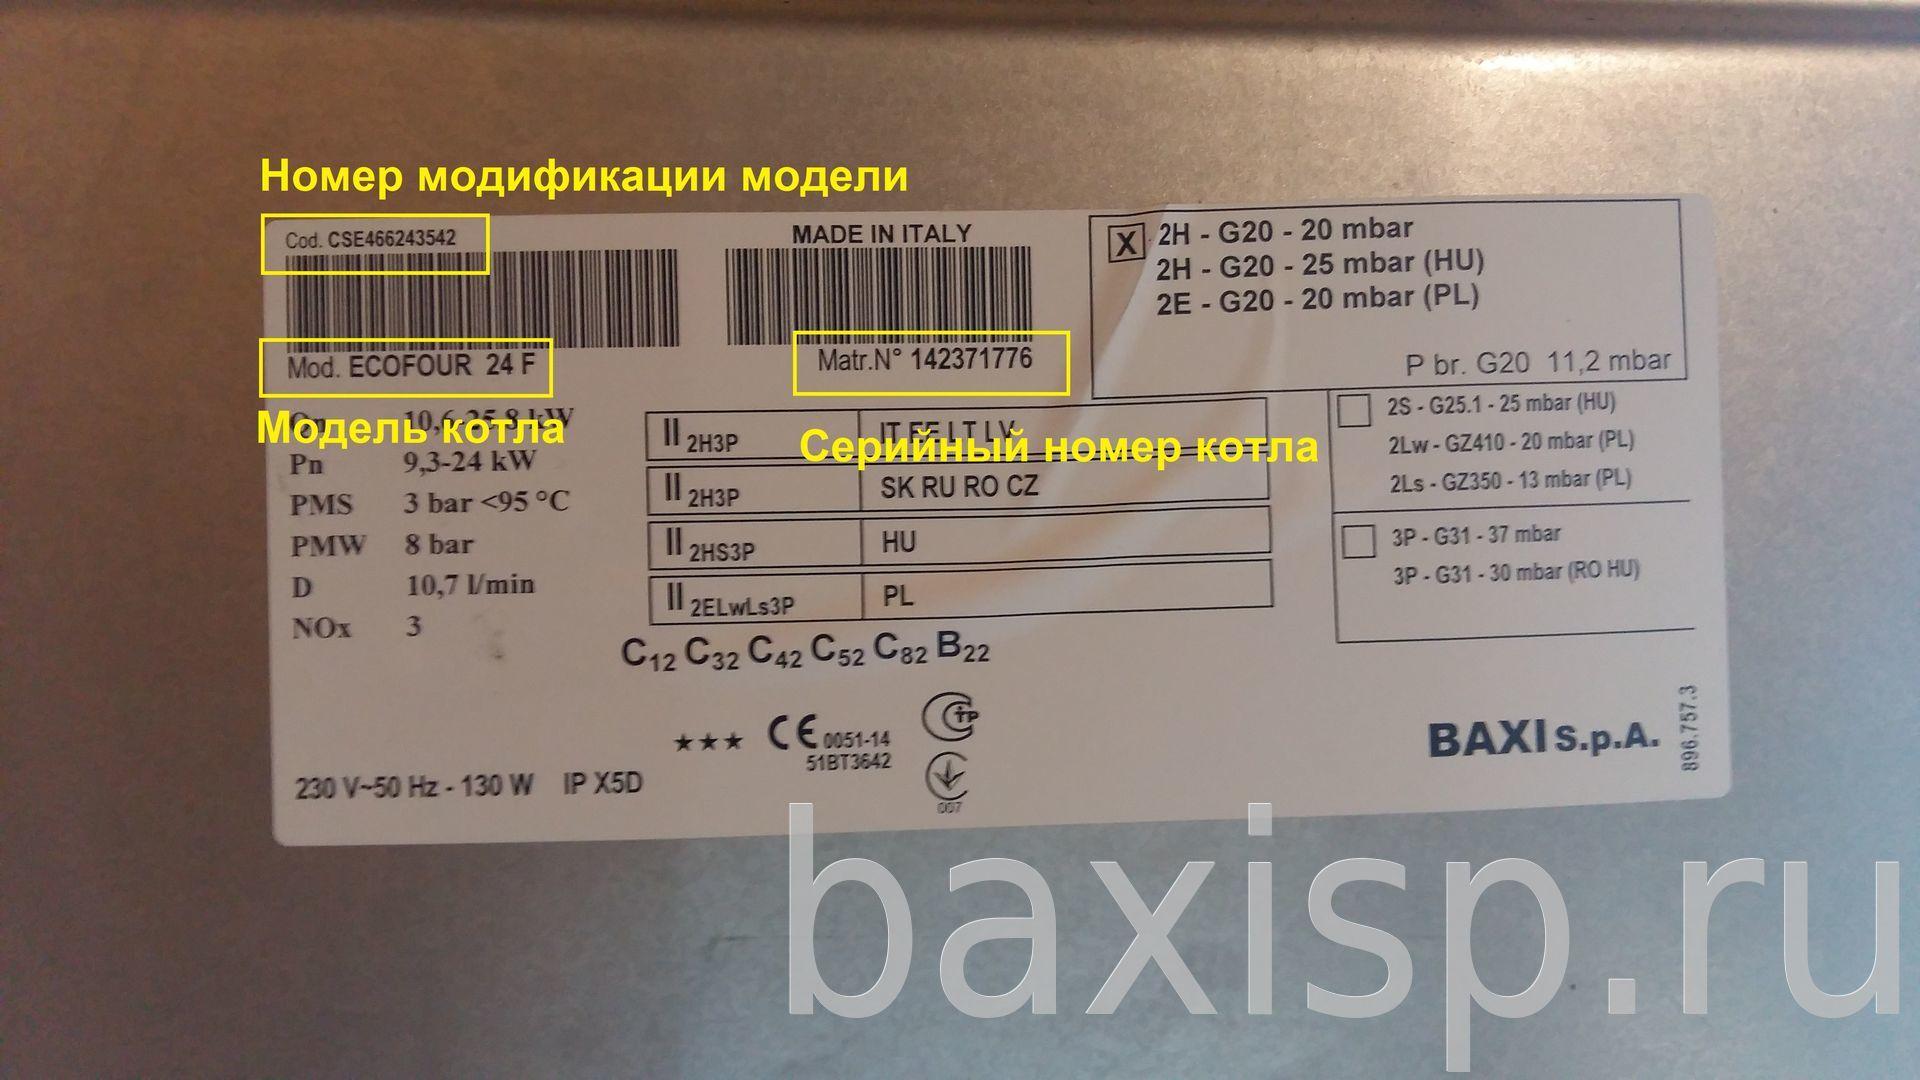 Baxi Какая цифровая надпись на бирке-наклейке указывает на серийный заводской номер газового котла